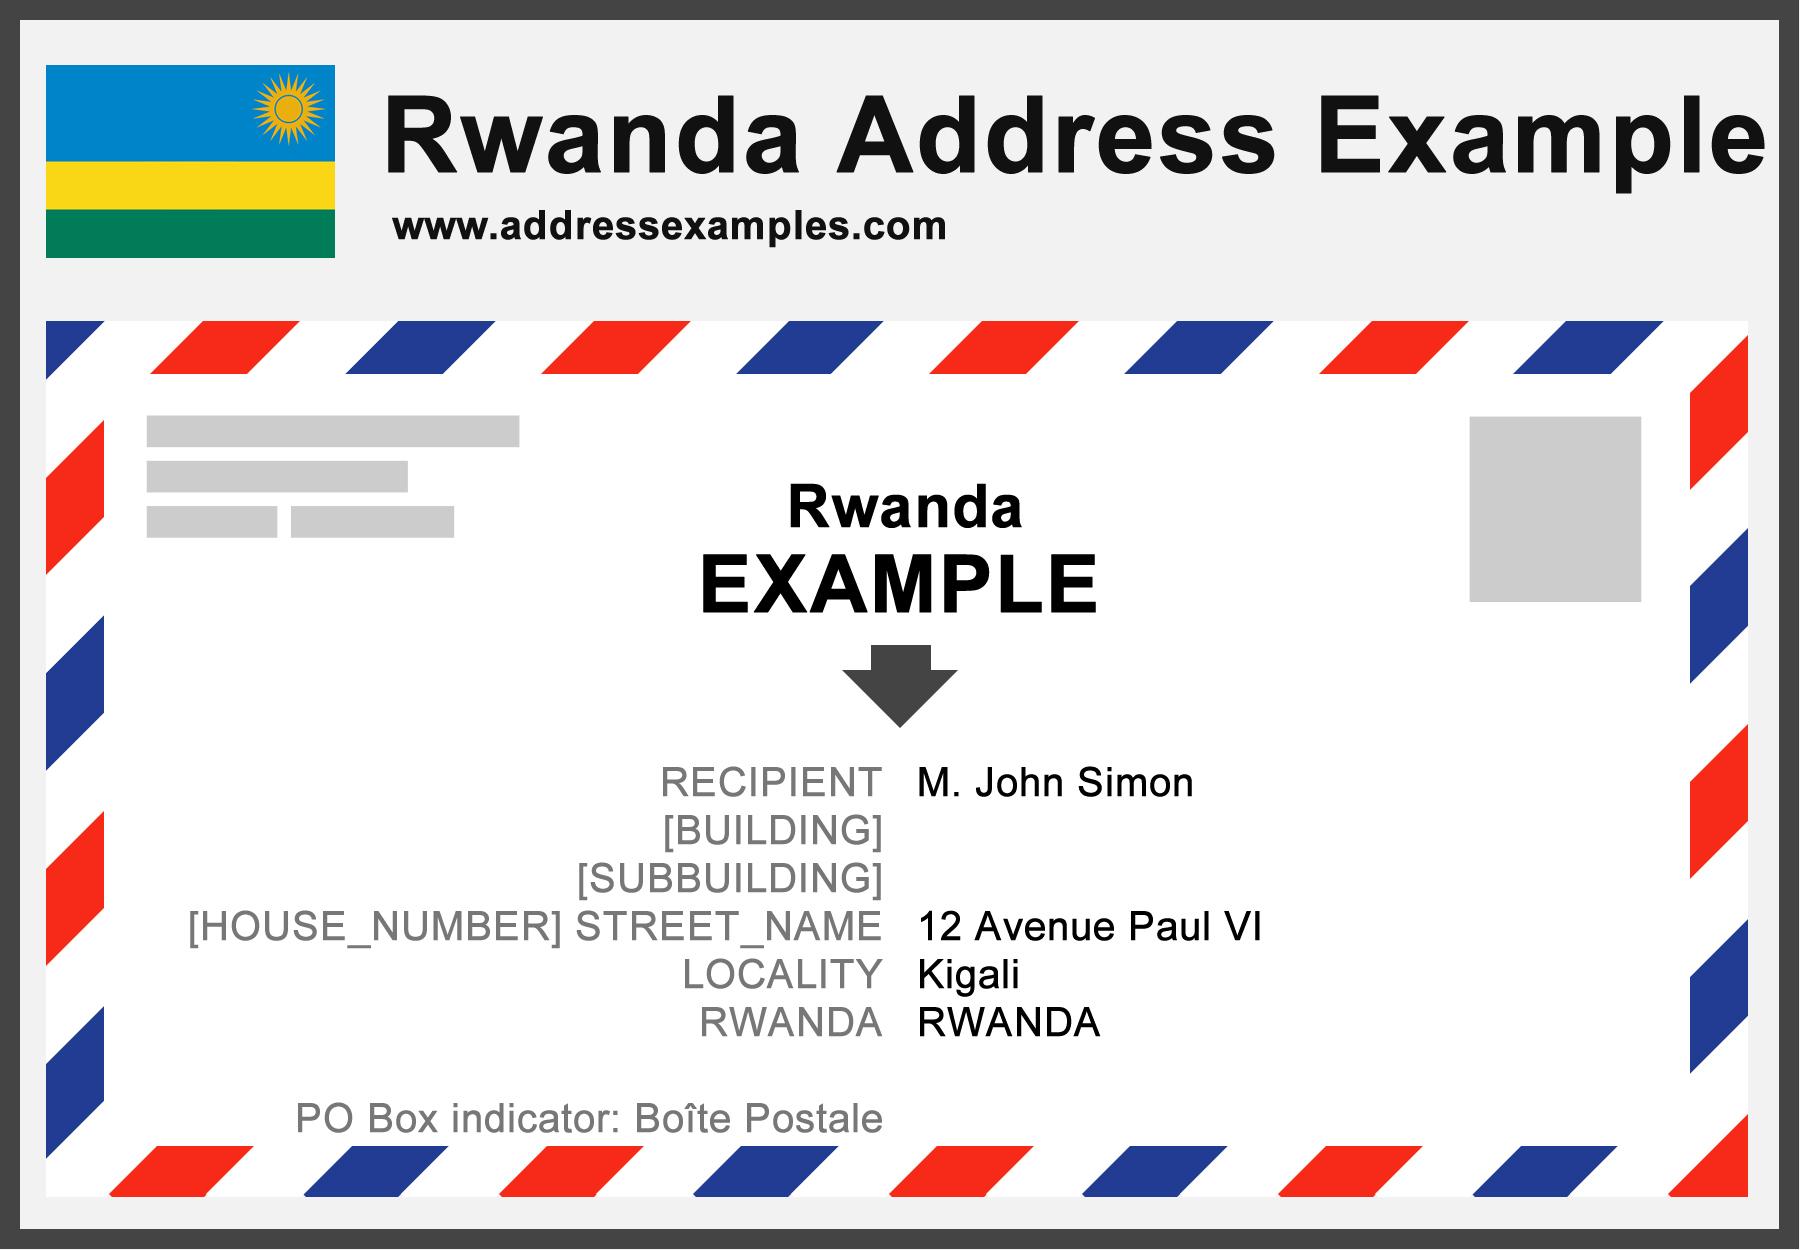 Rwanda Address Example